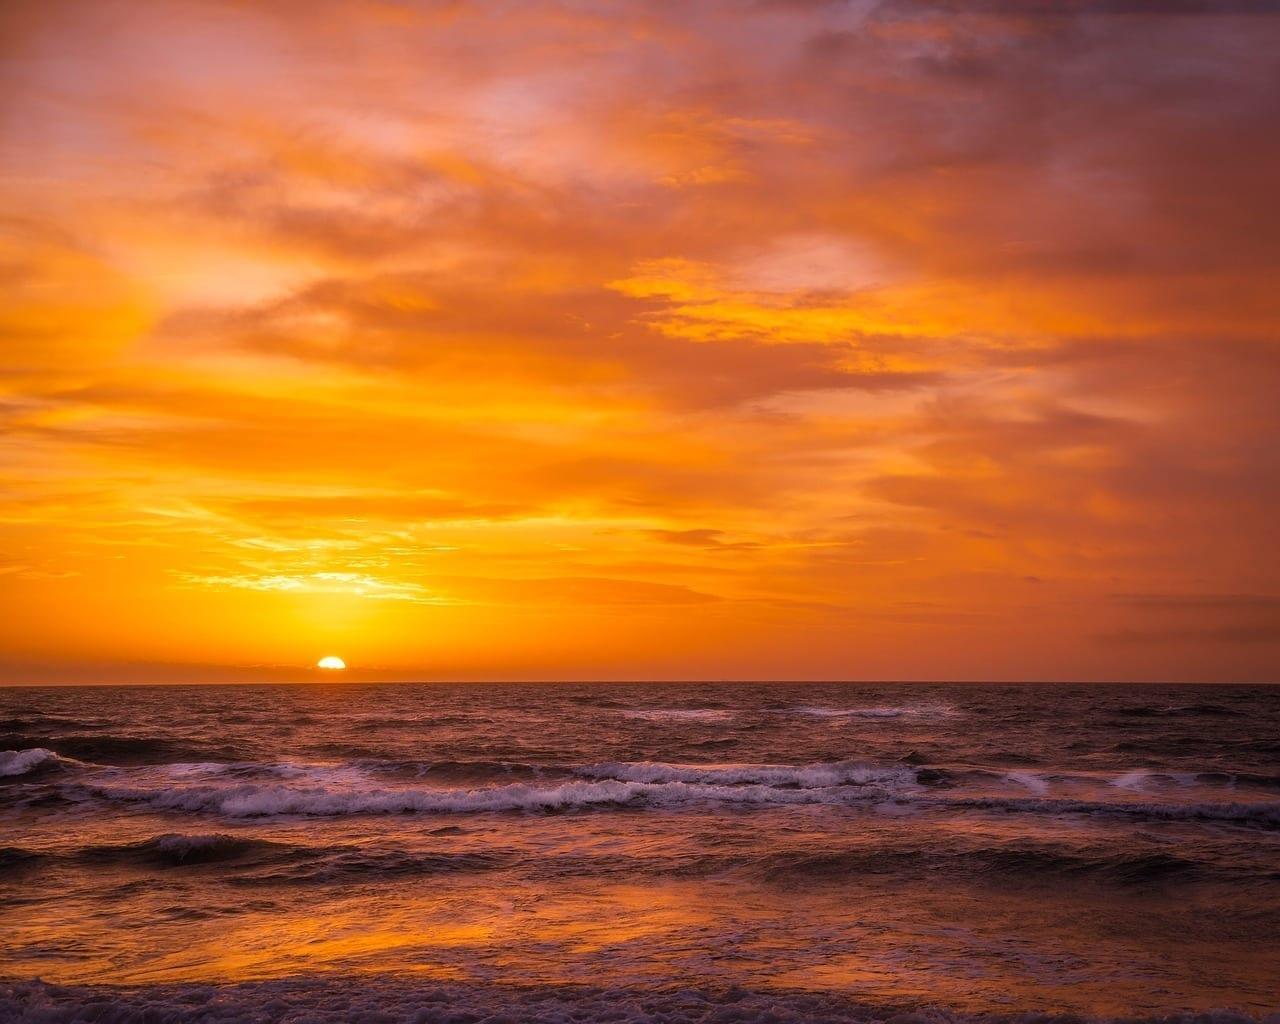 Playa De Poniente Mar Báltico Puesta Del Sol México